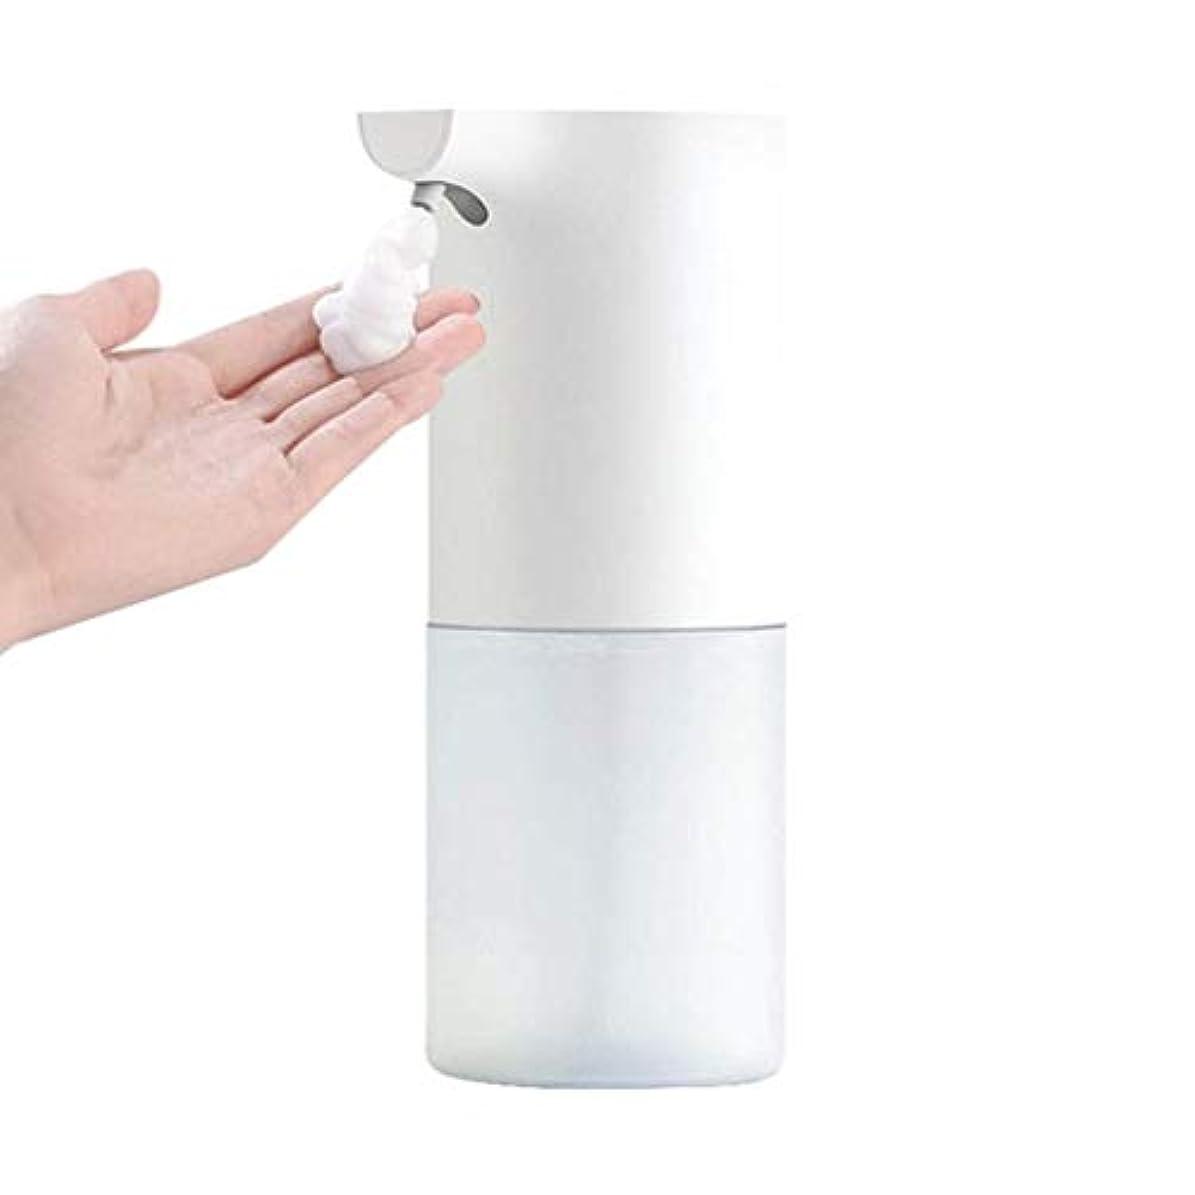 降臨伝染病姿勢誘導接触無料ハンドソープボトル手洗い自動洗濯携帯電話浴室キッチンプラスチック材料ローション(色:白、サイズ:7.3 * 7.3 * 19 cm) (Color : White, Size : 7.3*7.3*19cm)